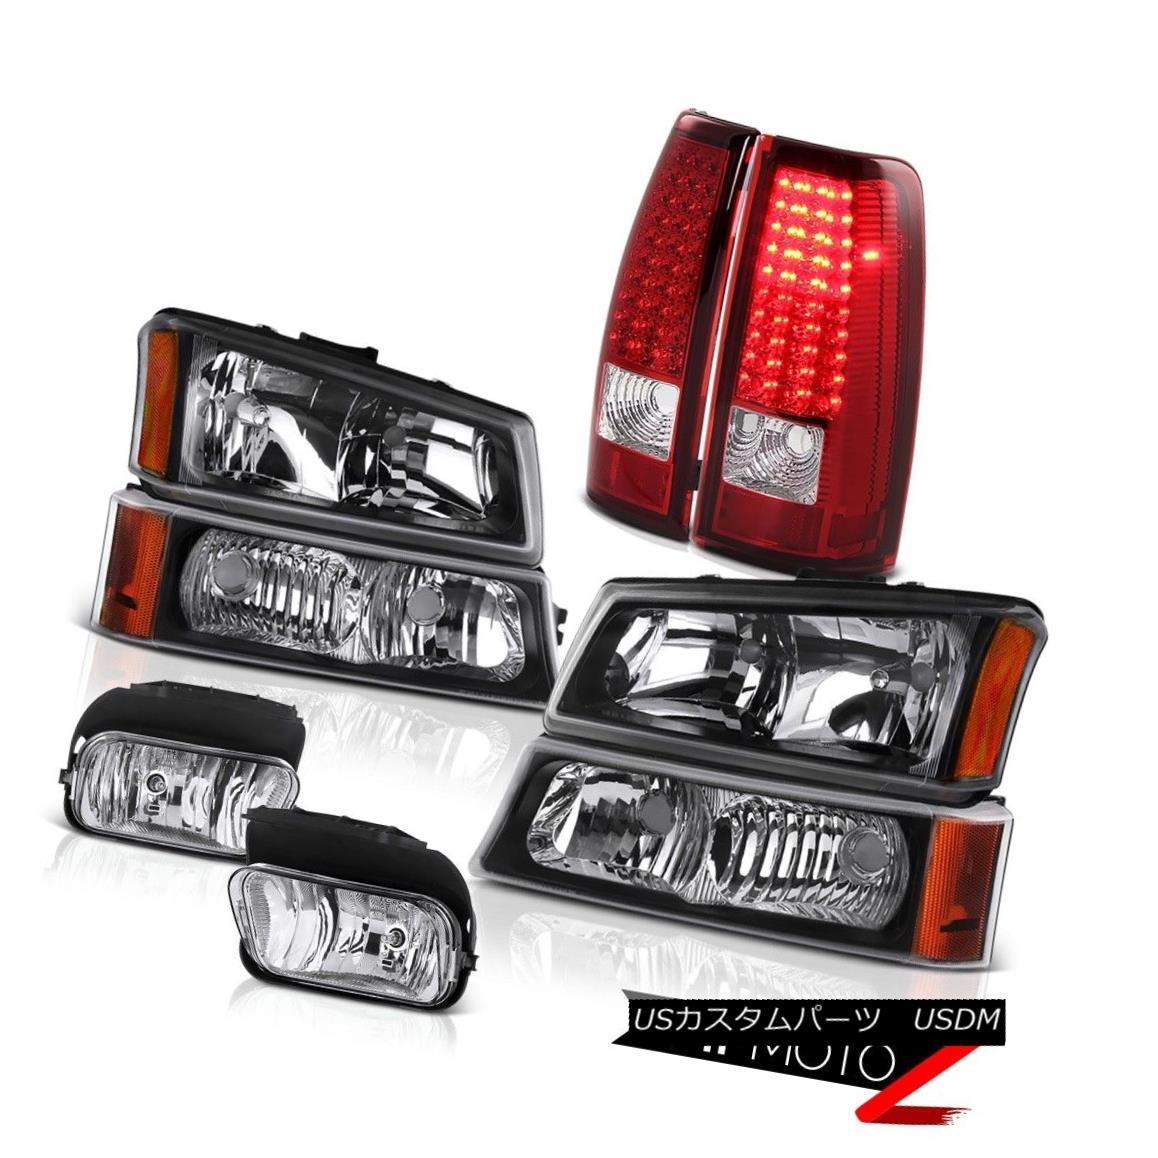 テールライト 03 04 05 06 Silverado SS Bumper+Headlamp SMD LED Rear Tail Lights Bumper Foglamp 03 04 05 06 Silverado SSバンパー+ヘッドラム p SMD LEDリアテールライトバンパーフォグライト